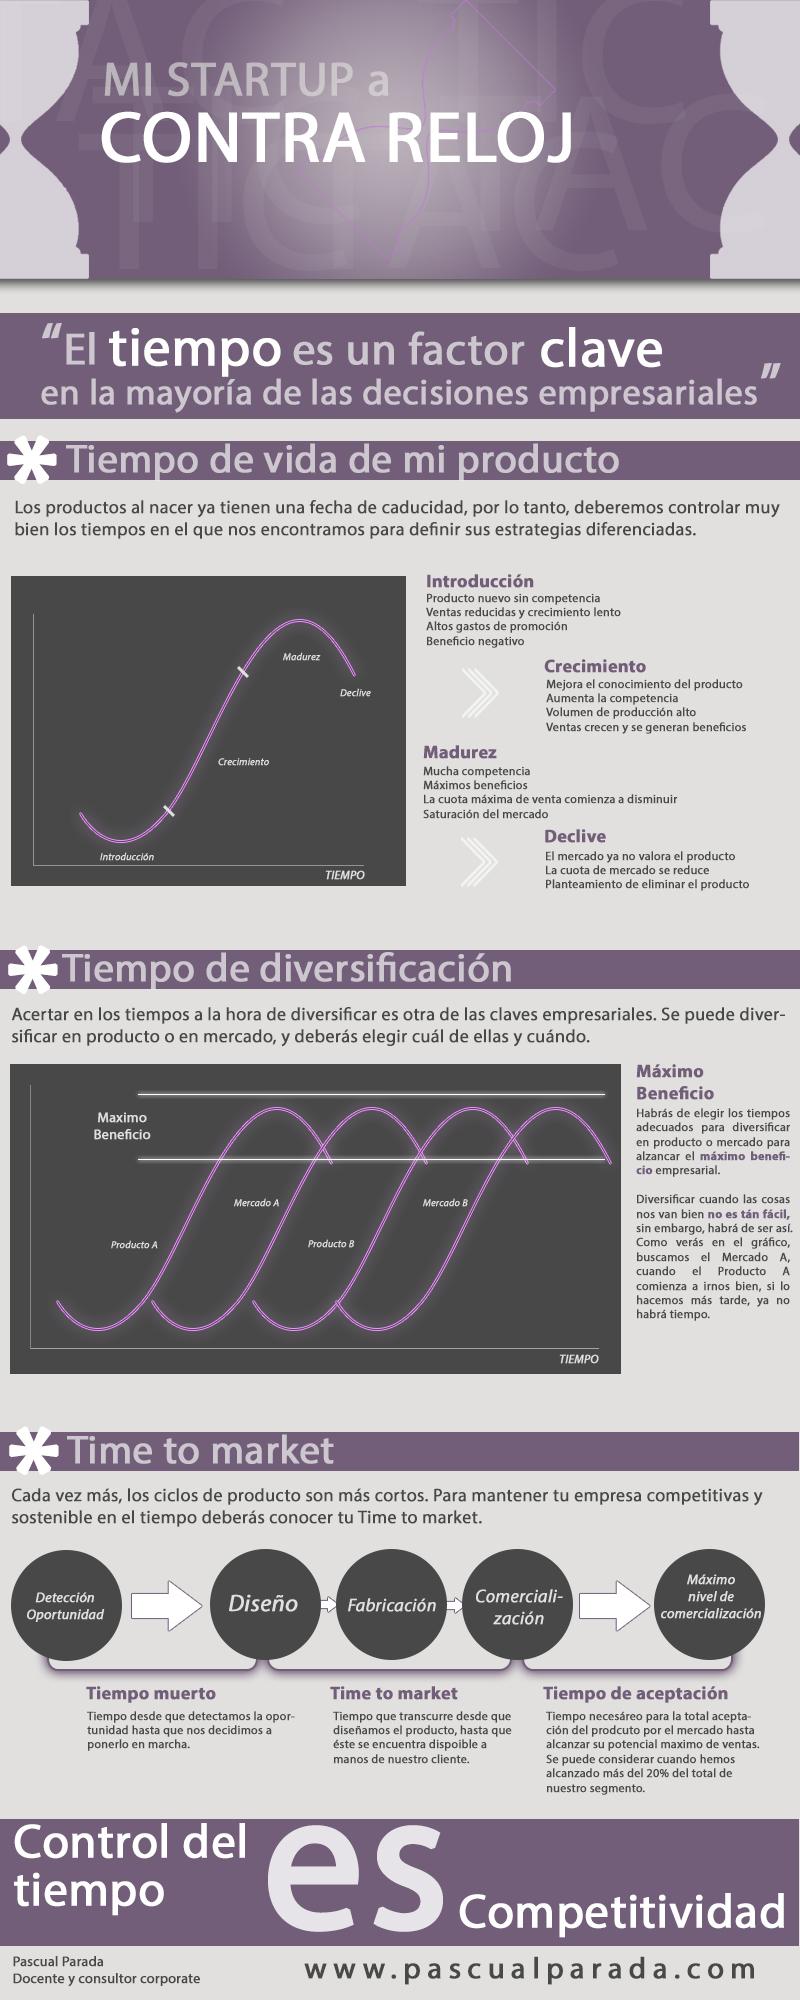 TiempoYCompetitividad.jpg